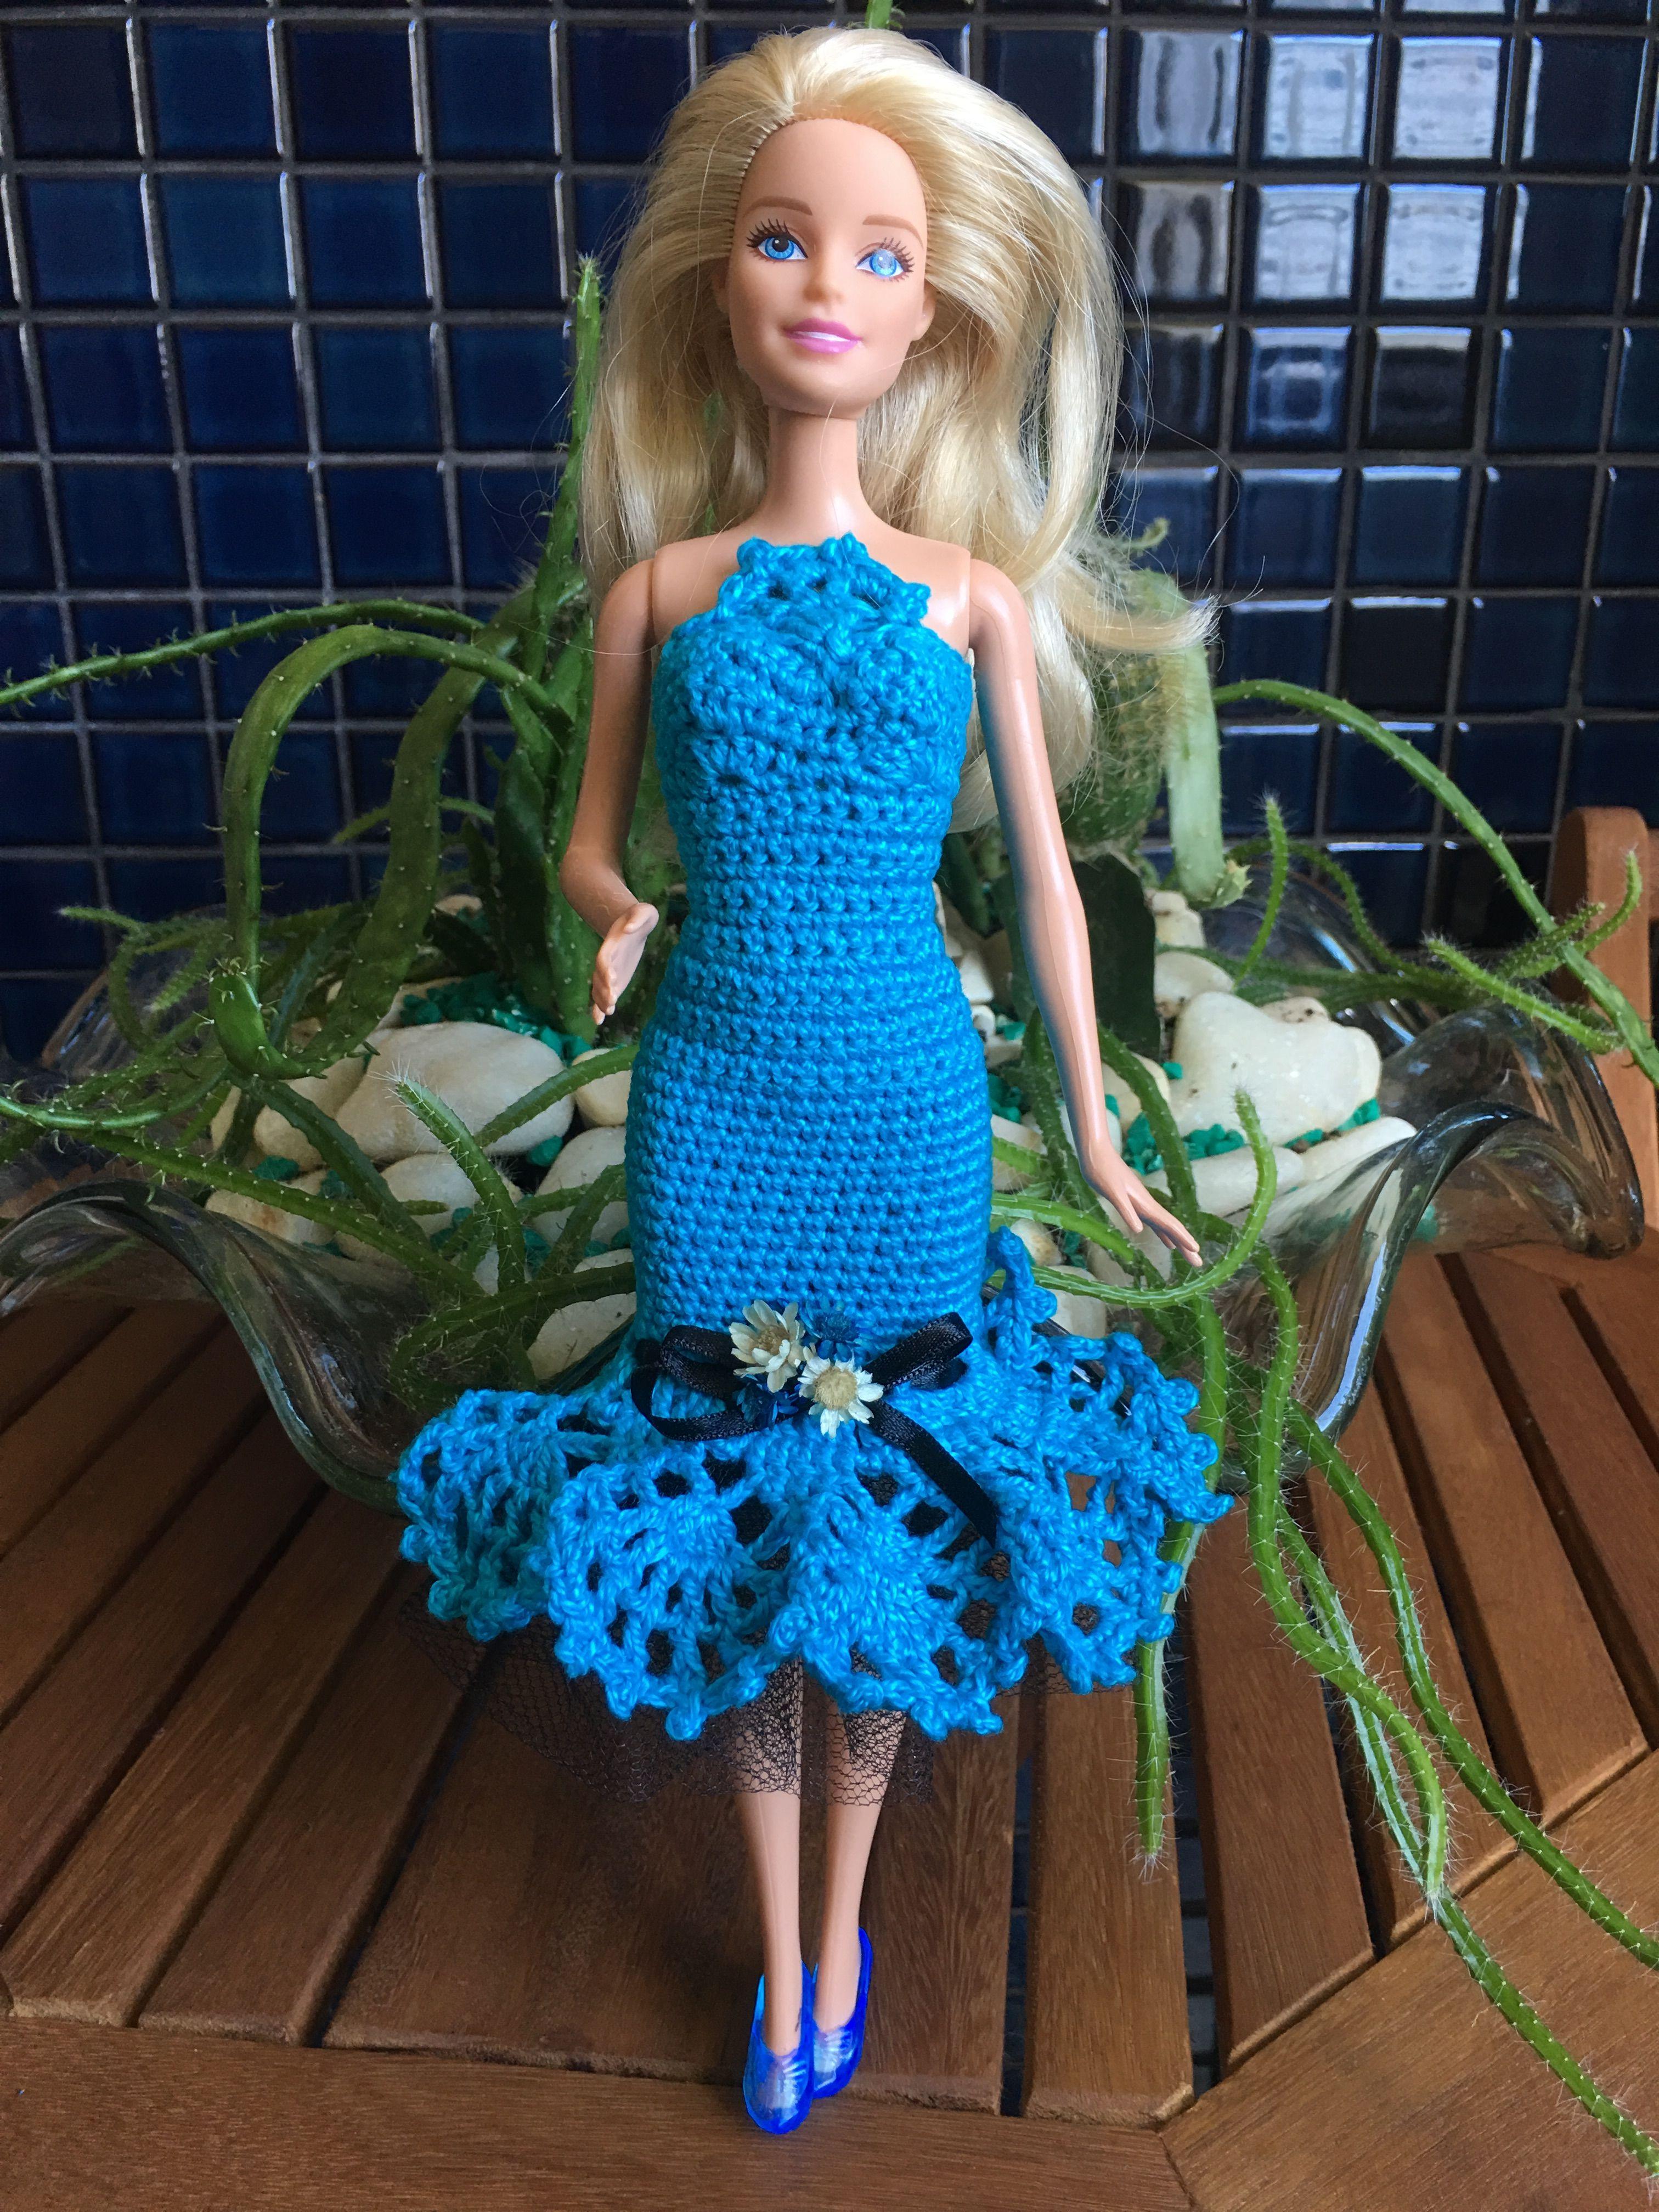 Pin de Maria Luisa Arenas en Barbie | Pinterest | Ropa de muñeca ...